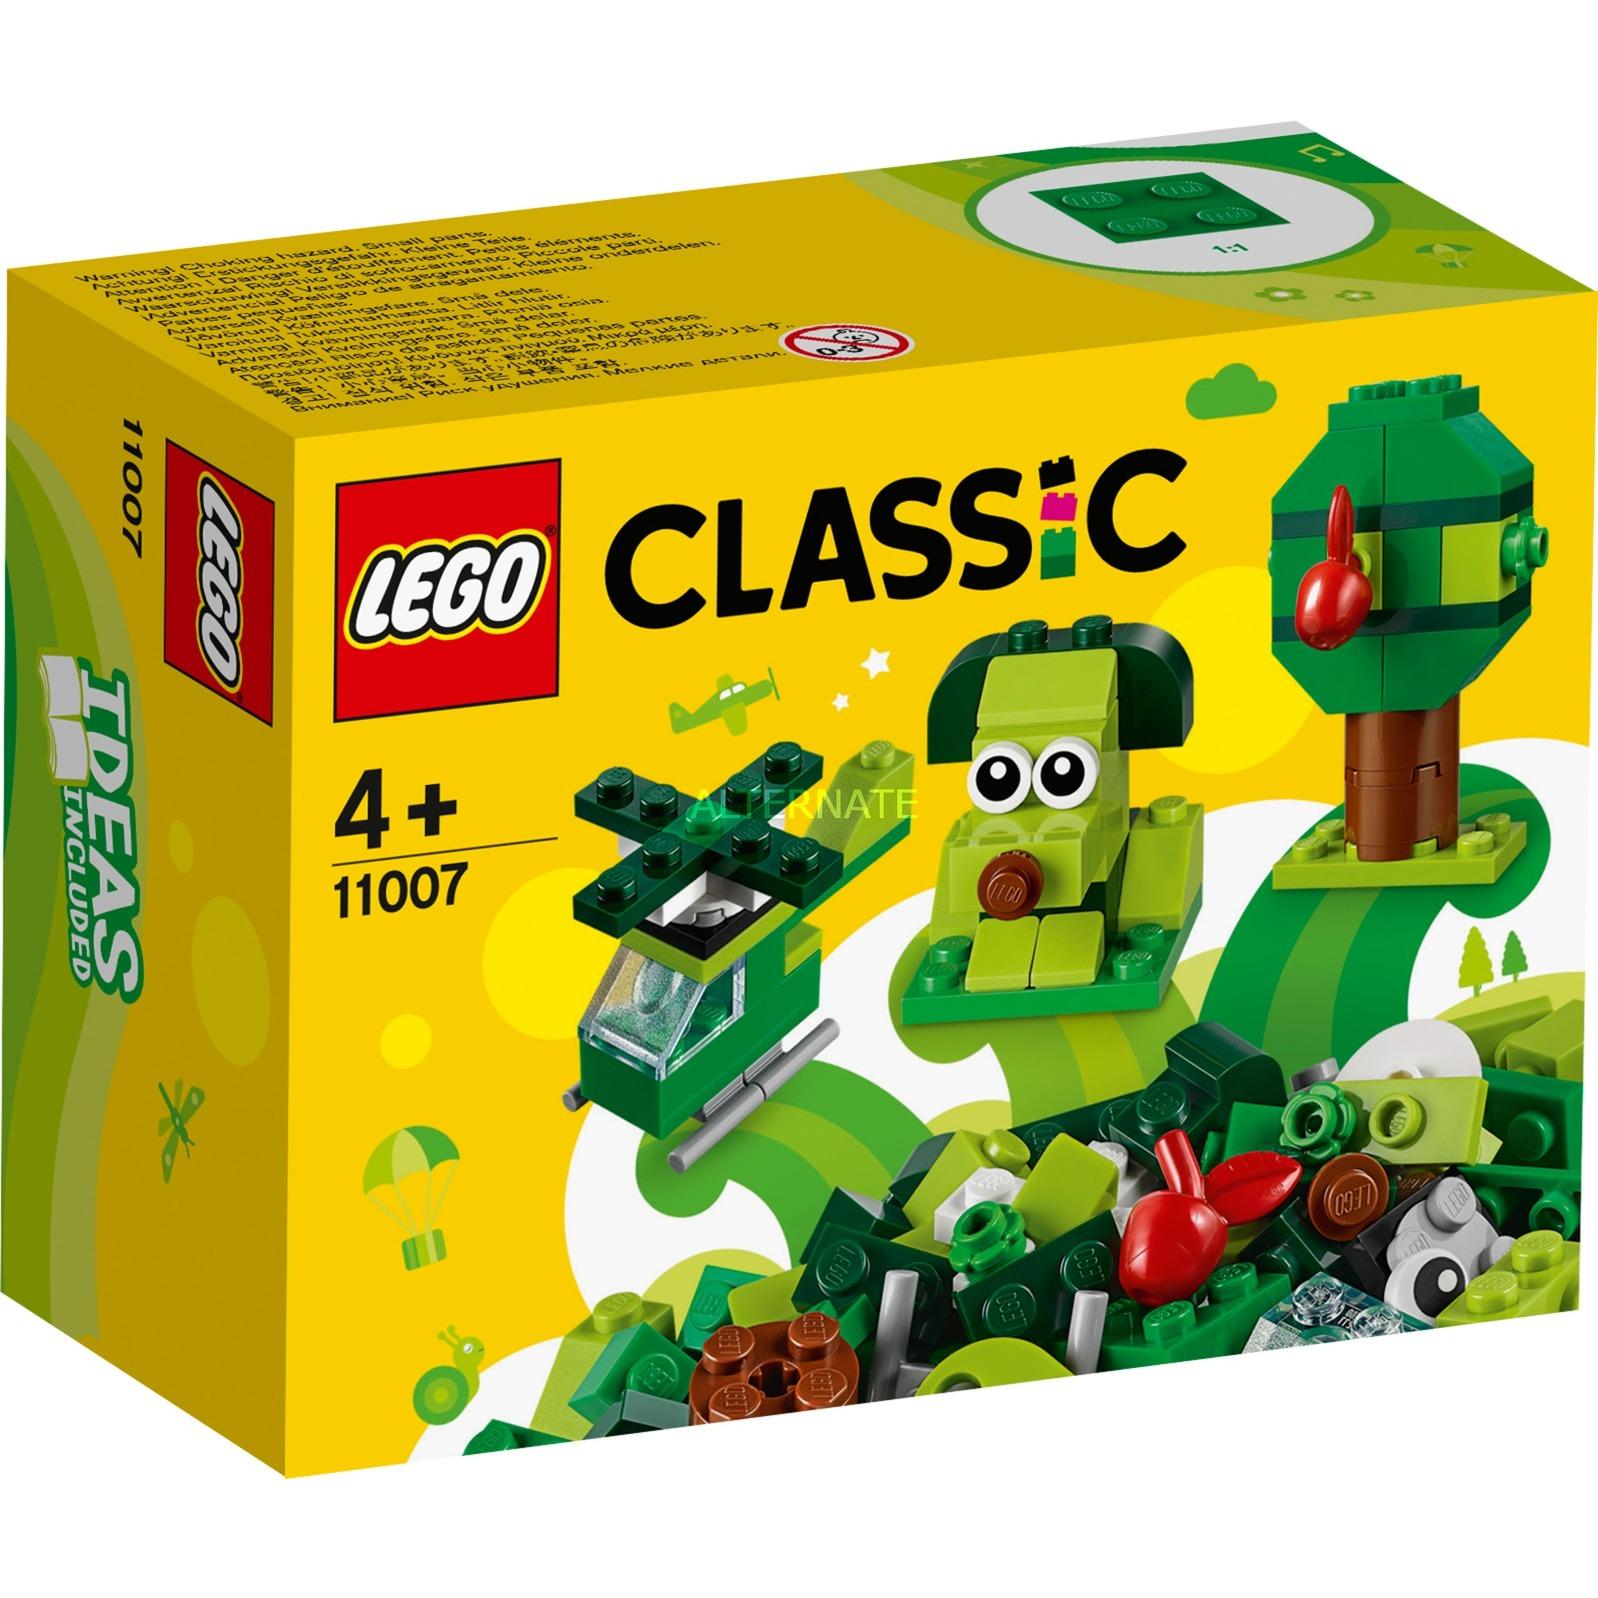 Classic Ladrillos Creativos Verdes - 11007, Juegos de construcción